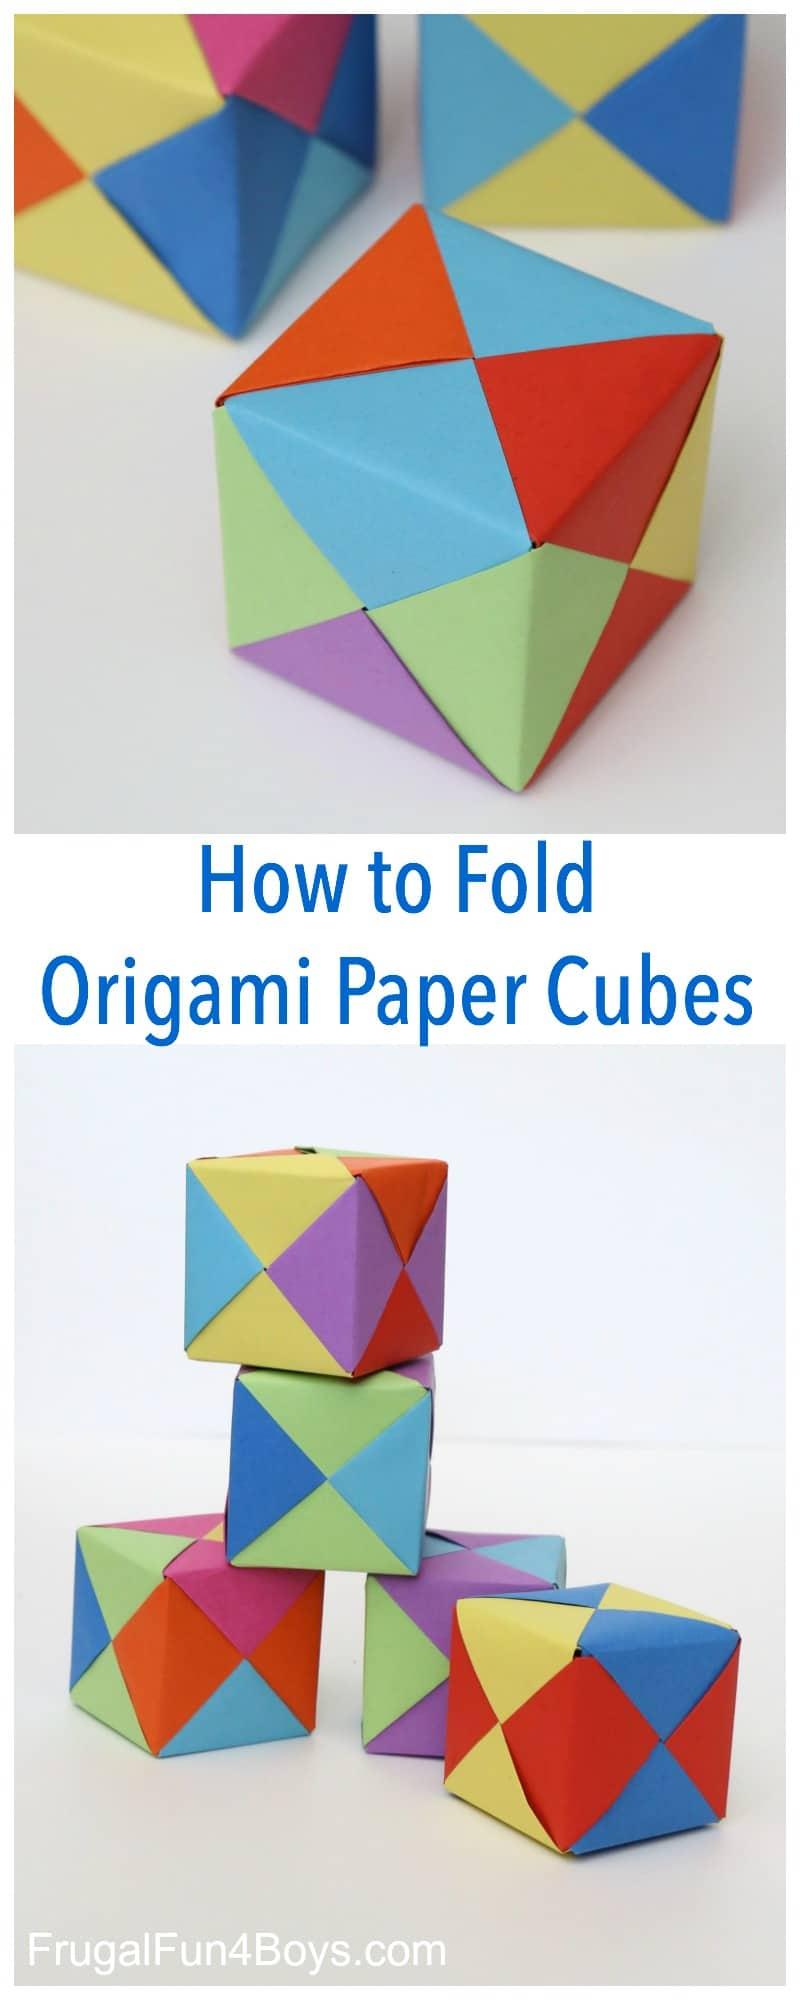 Origami paper cubes